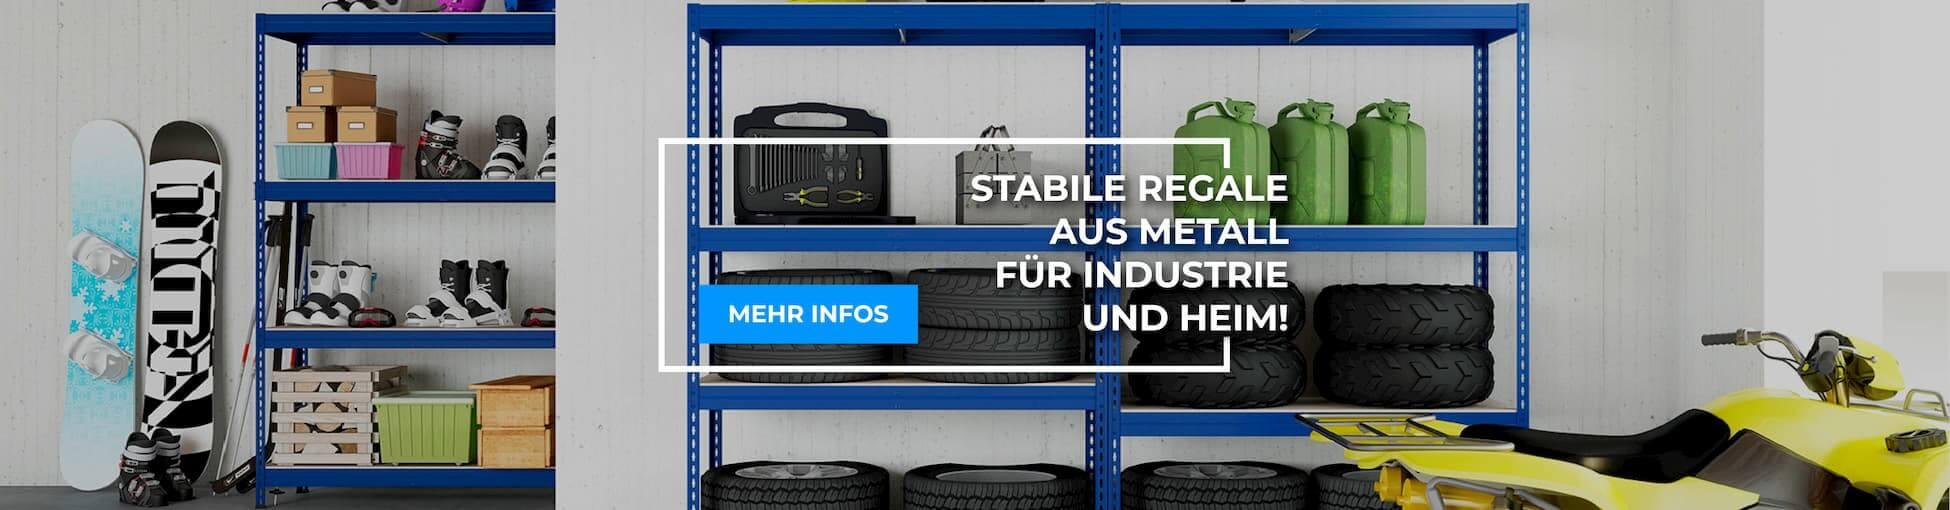 Stabile Regale aus Metall für Industrie und Heim!